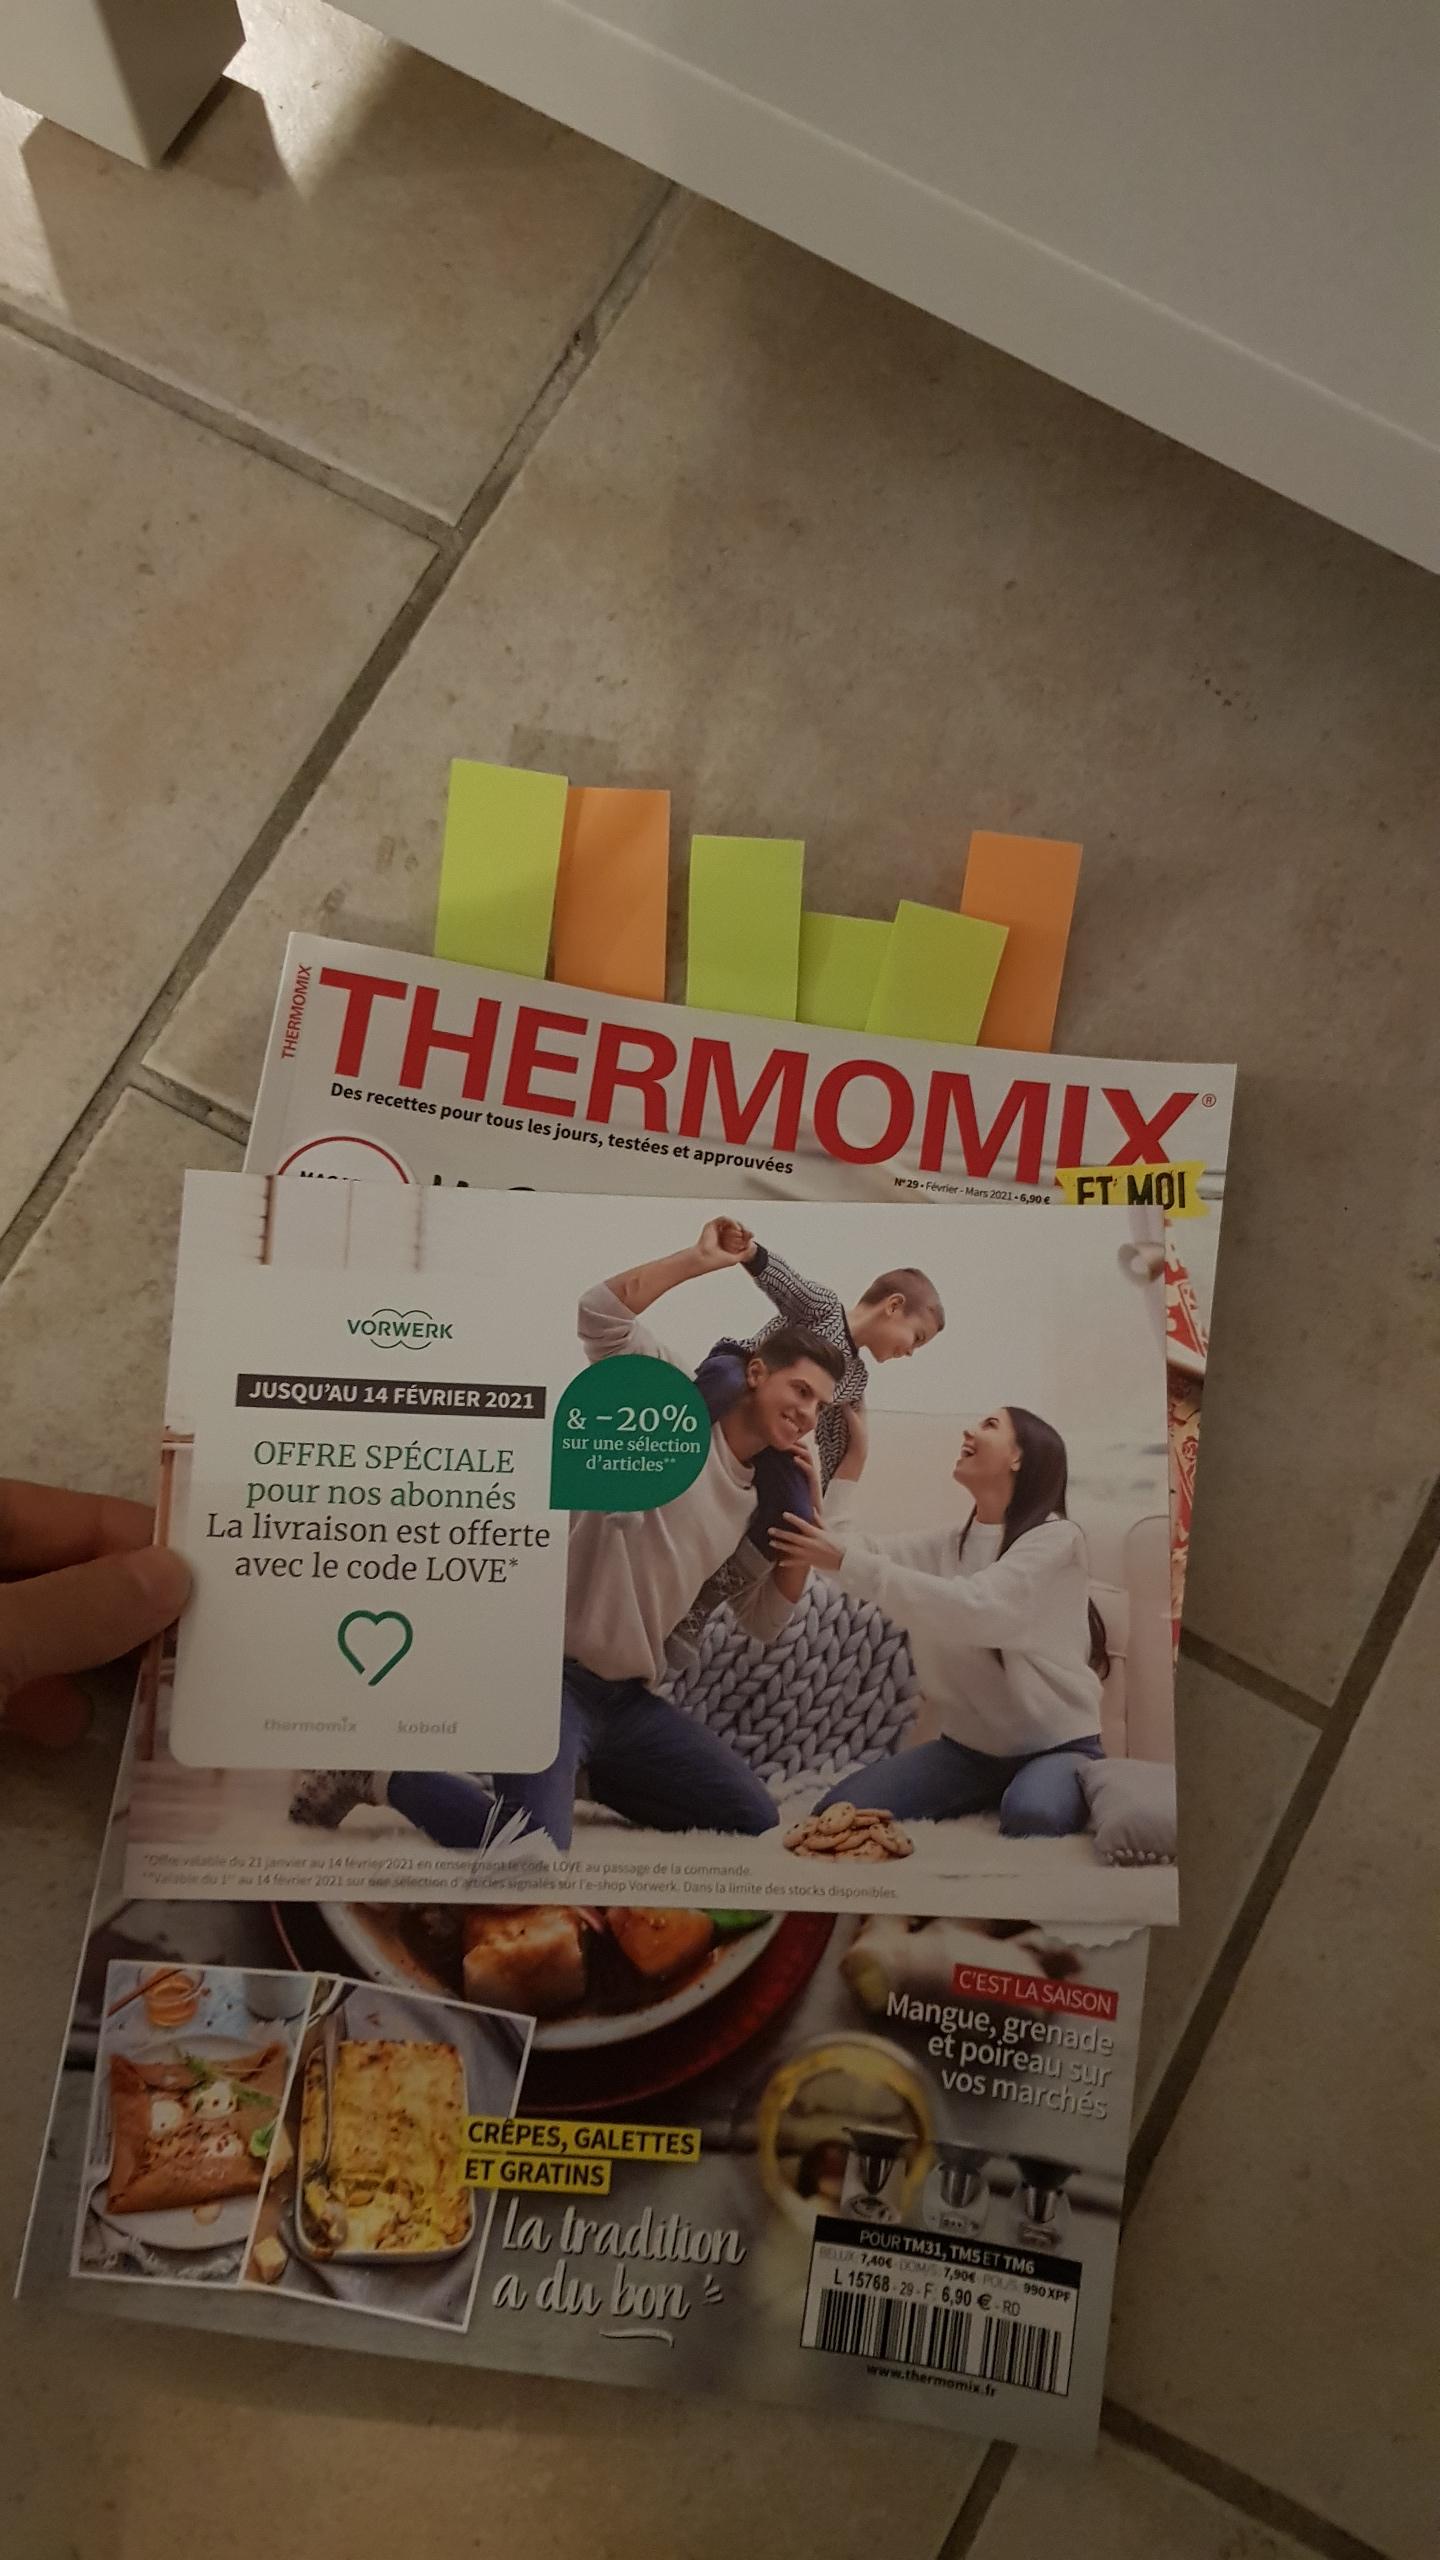 [Abonnés] 20% de réduction sur une sélection accessoires Thermomix